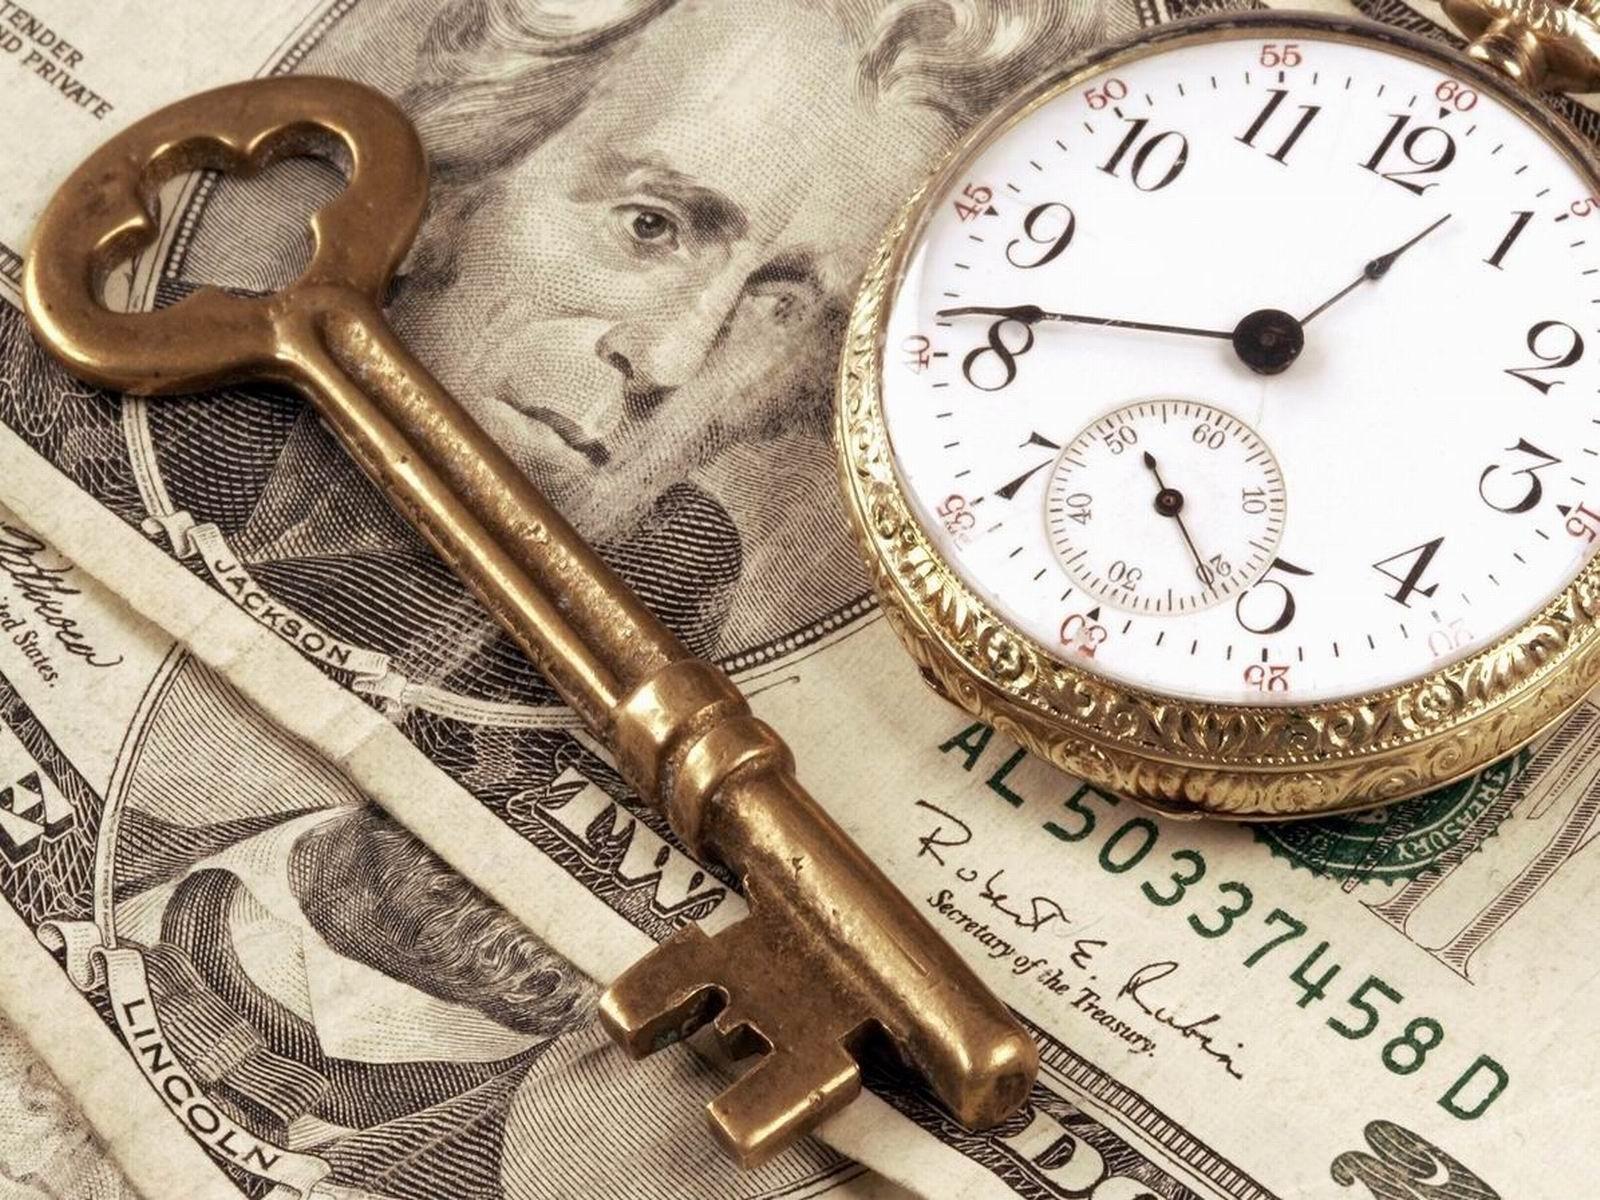 Сколько времени занимает оформление сделки купли продажи квартиры и все